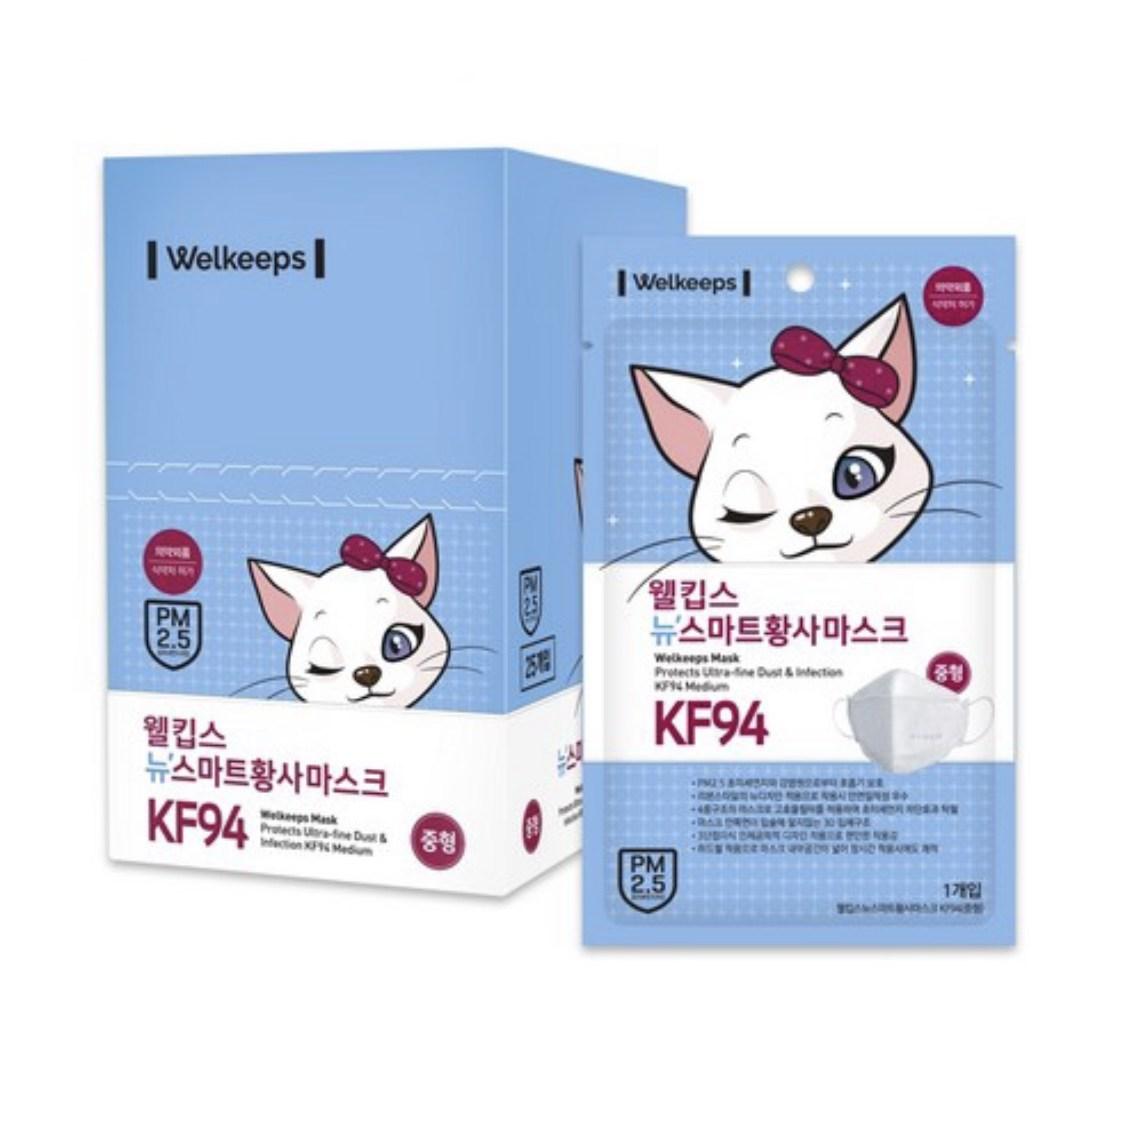 웰킵스 뉴스마트황사마스크 중형 kf94 흰색 25매, 1개입, 25개